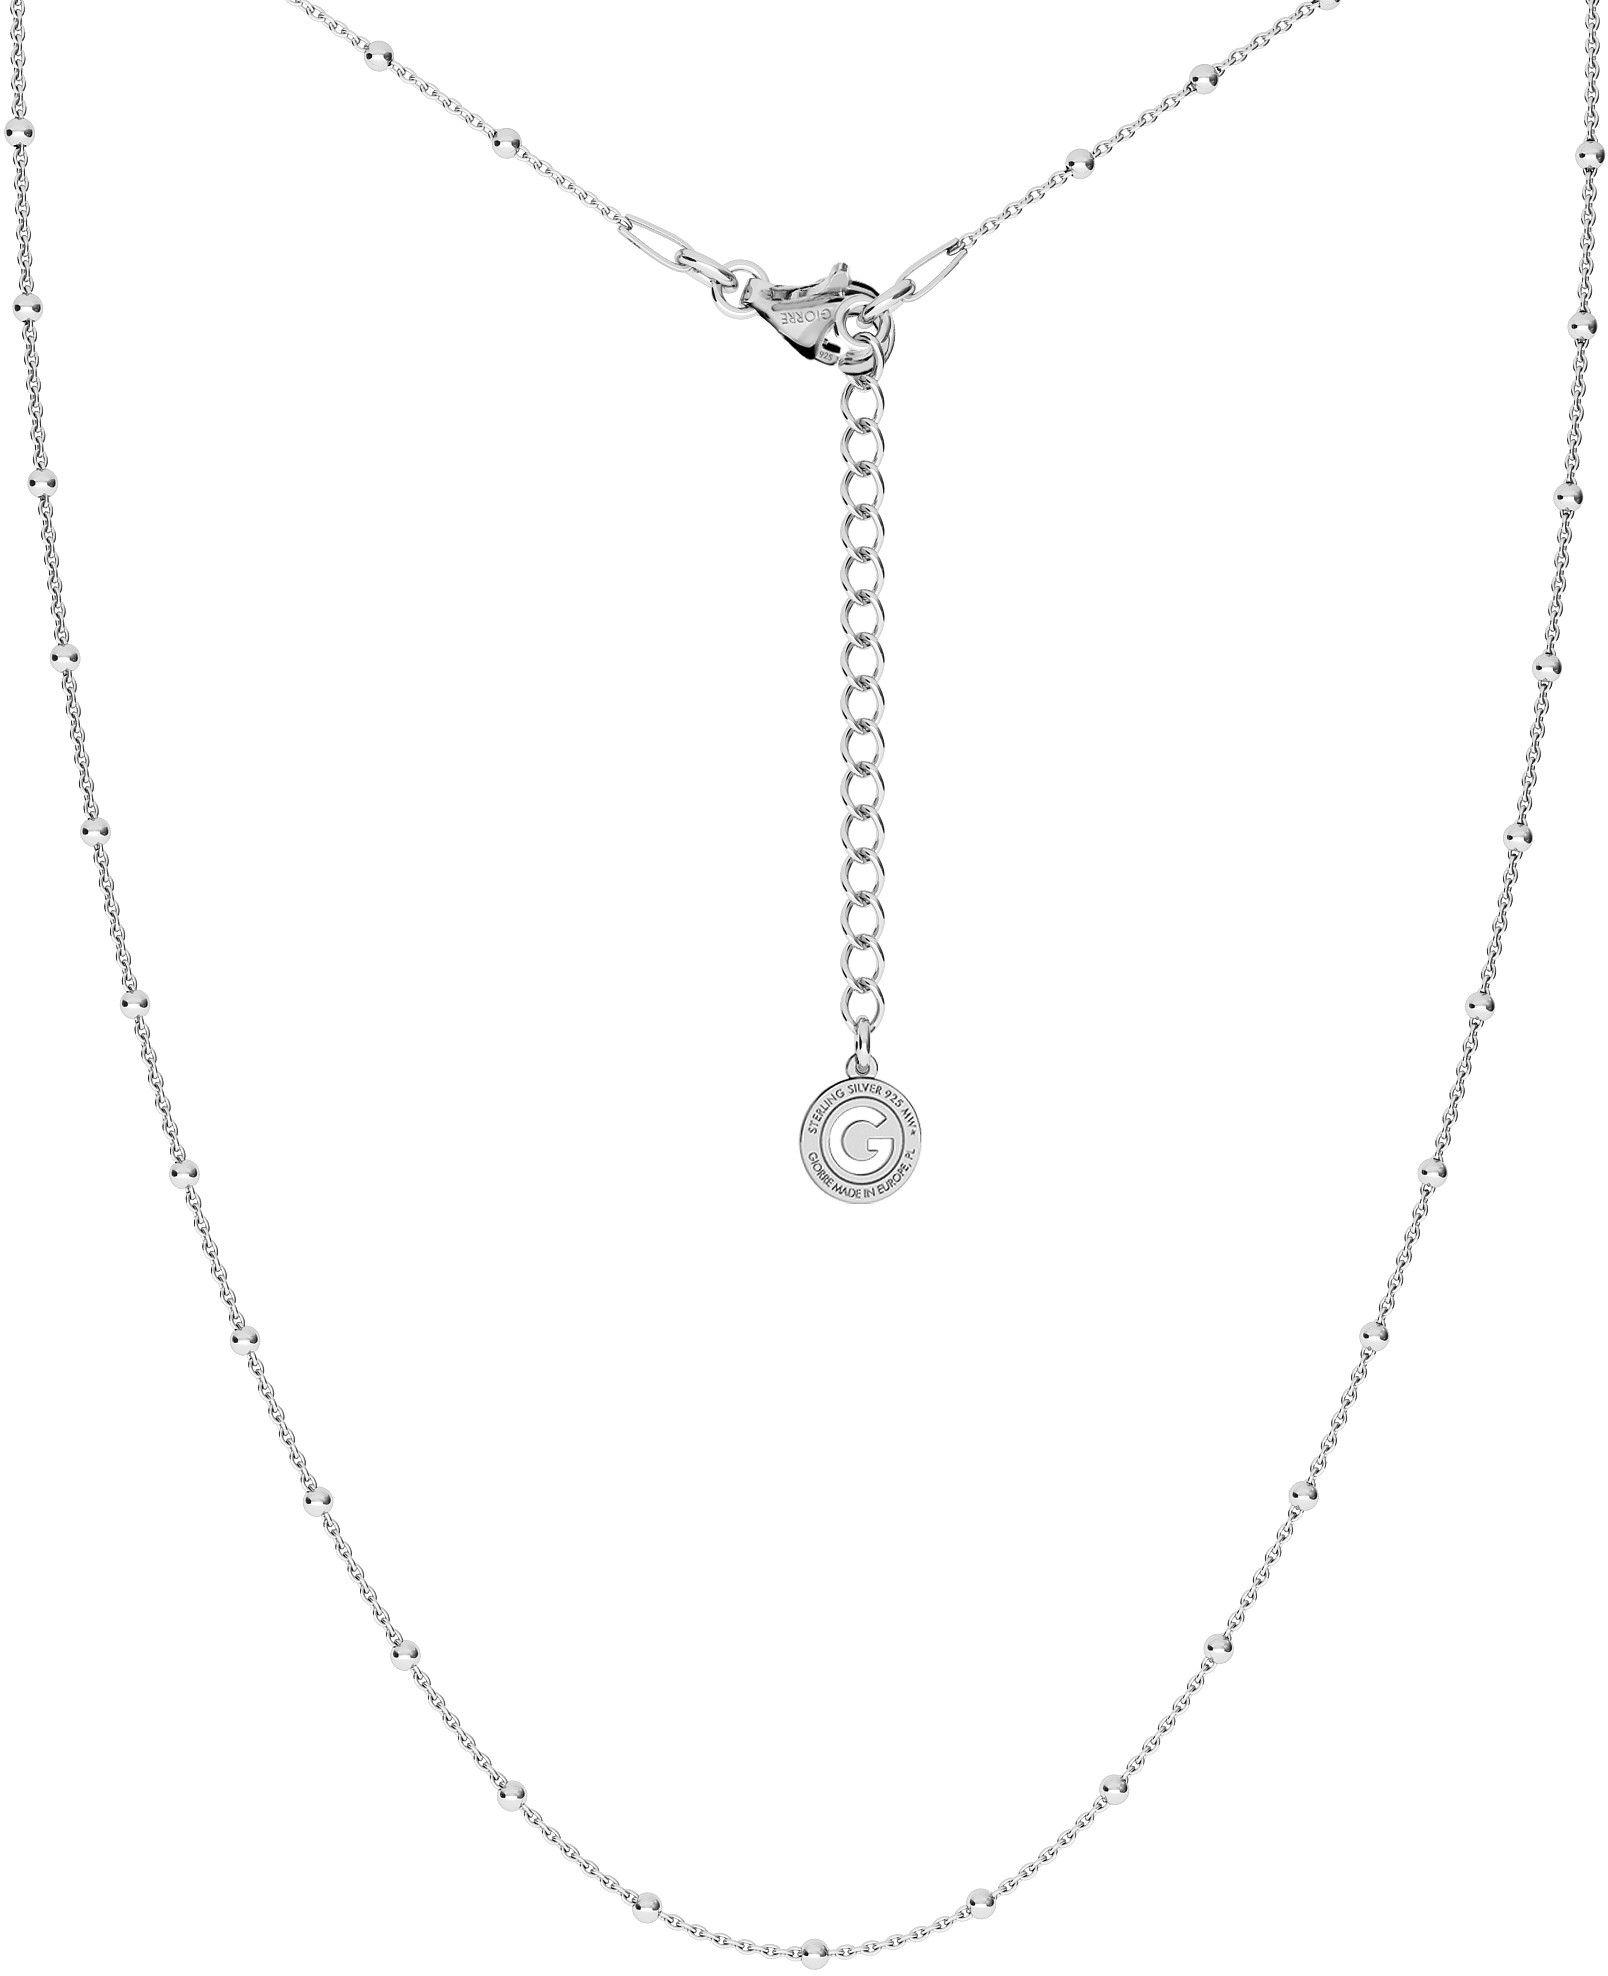 Srebrny delikatny łańcuszek ankier z kulkami, srebro 925 : Długość (cm) - 50 + 5, Srebro - kolor pokrycia - Pokrycie platyną